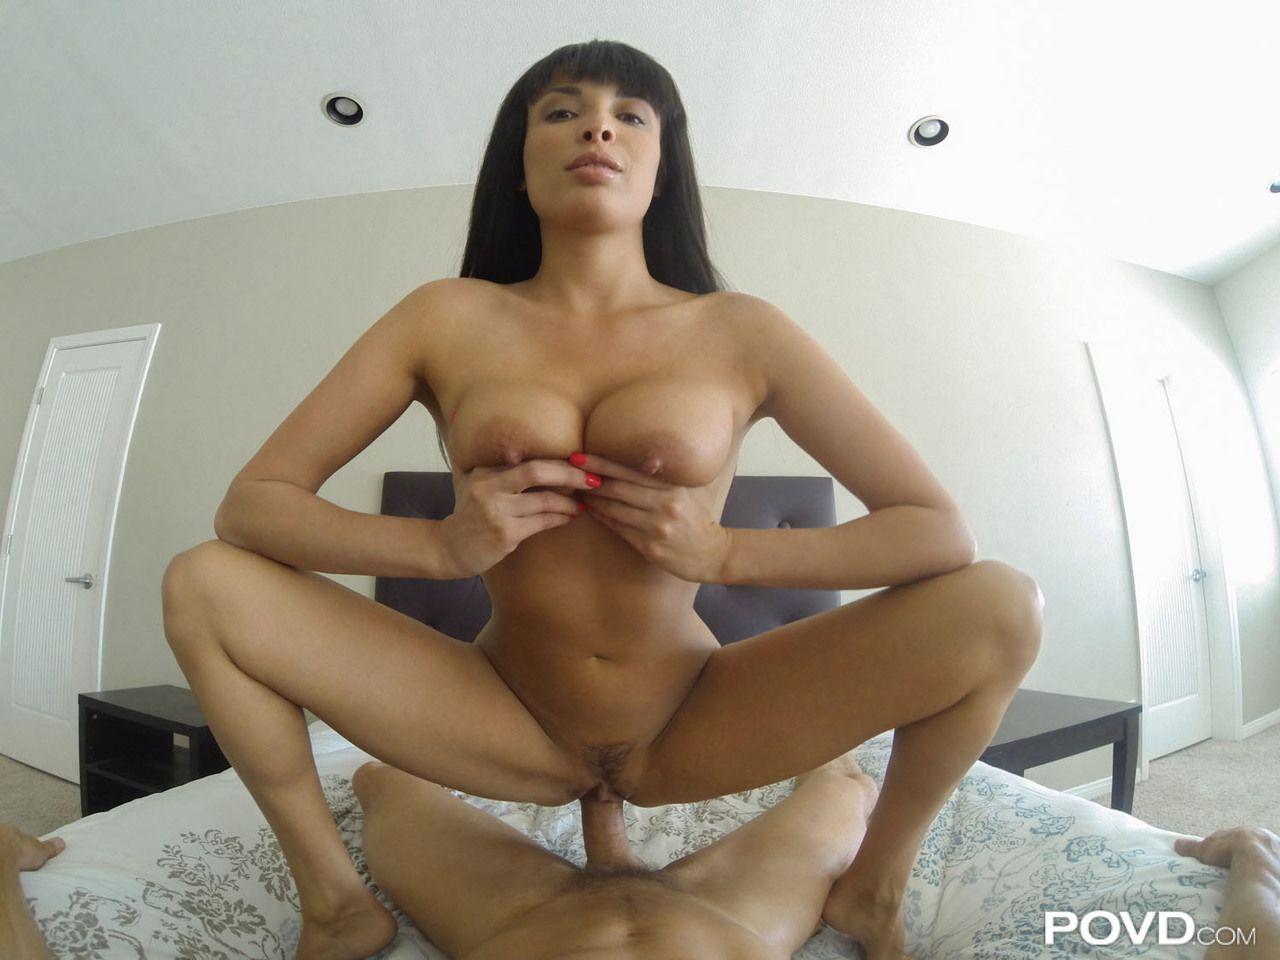 Fotos e sexo com morena dos peitões grandes e buceta carnuda